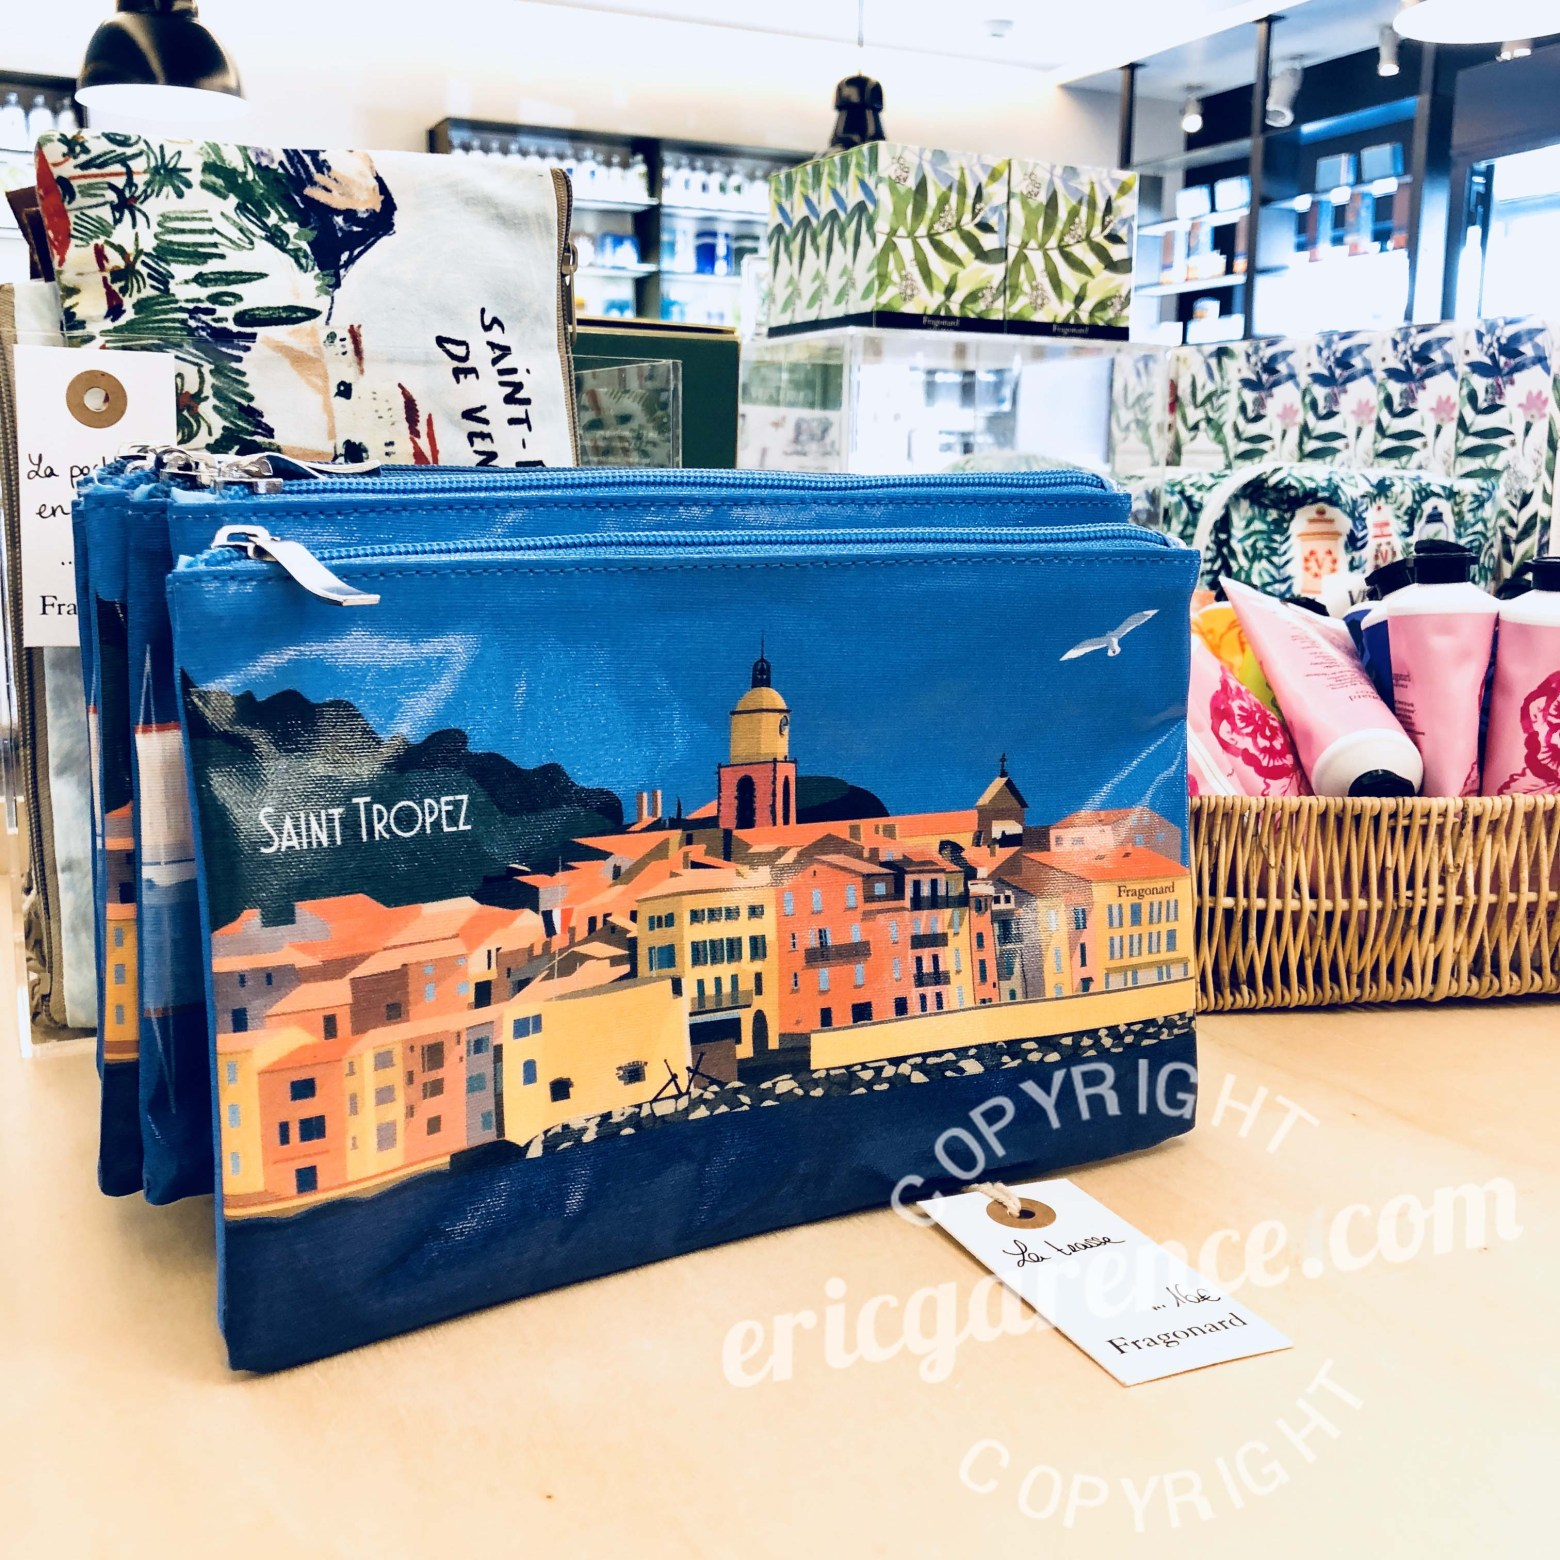 Saint Tropez Fragonard Eric Garence Cote d'azur French Riviera Collection Parfum Cadeau Eau